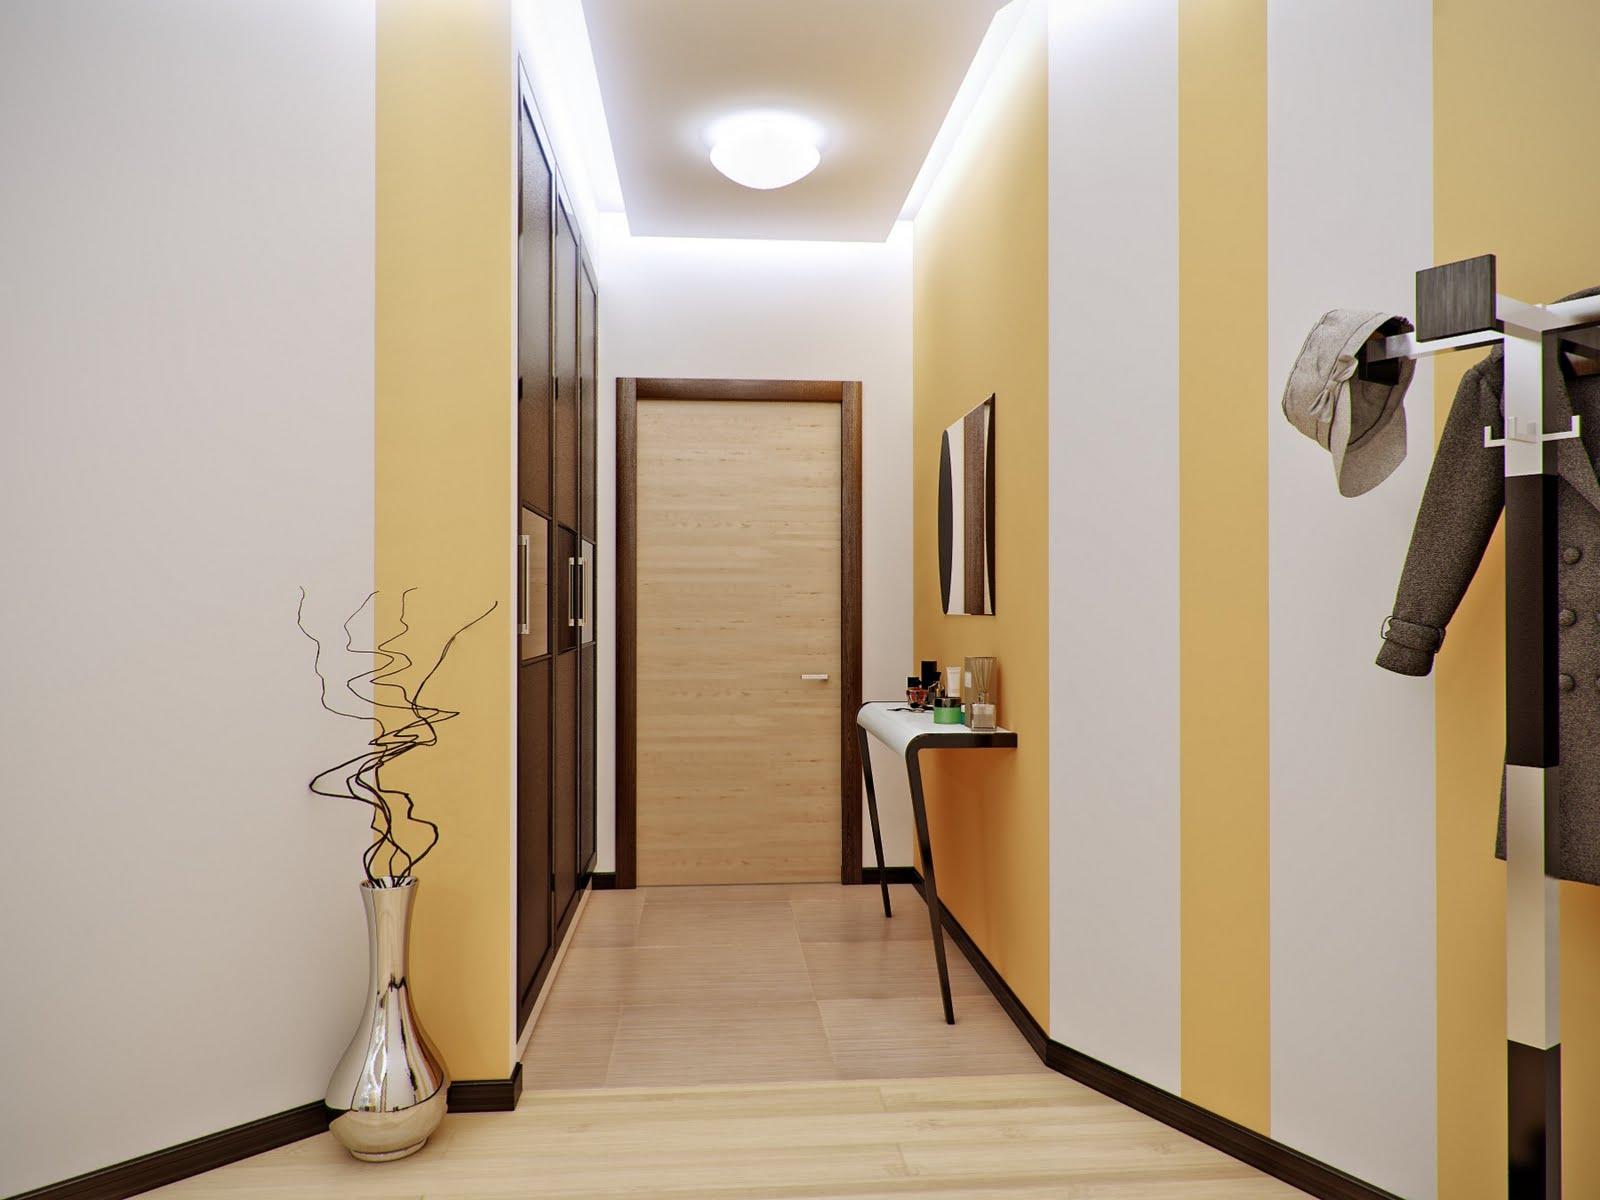 Как правильно оформить узкий коридор в квартире?